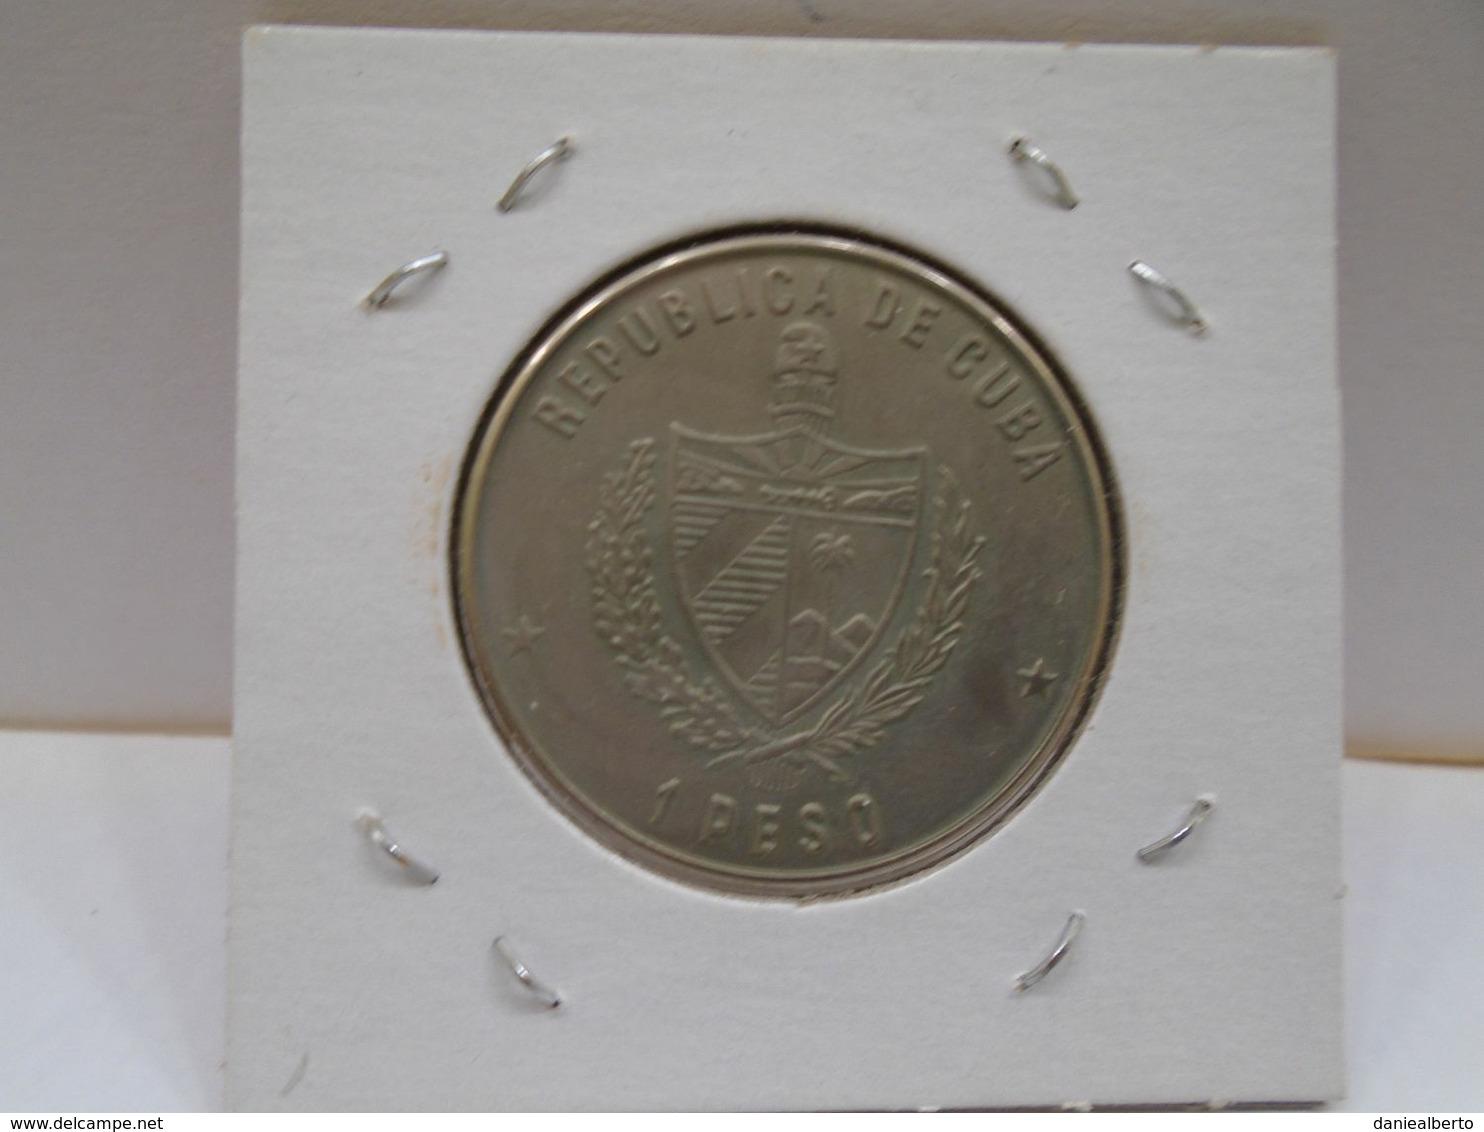 """Cuba, Un Peso 1987, """"GUERRILLERO HEROICO ERNESTO CHE GUEVARA """", UNC, MINT. Gracias Por Visitar Mi Pagina. - Cuba"""